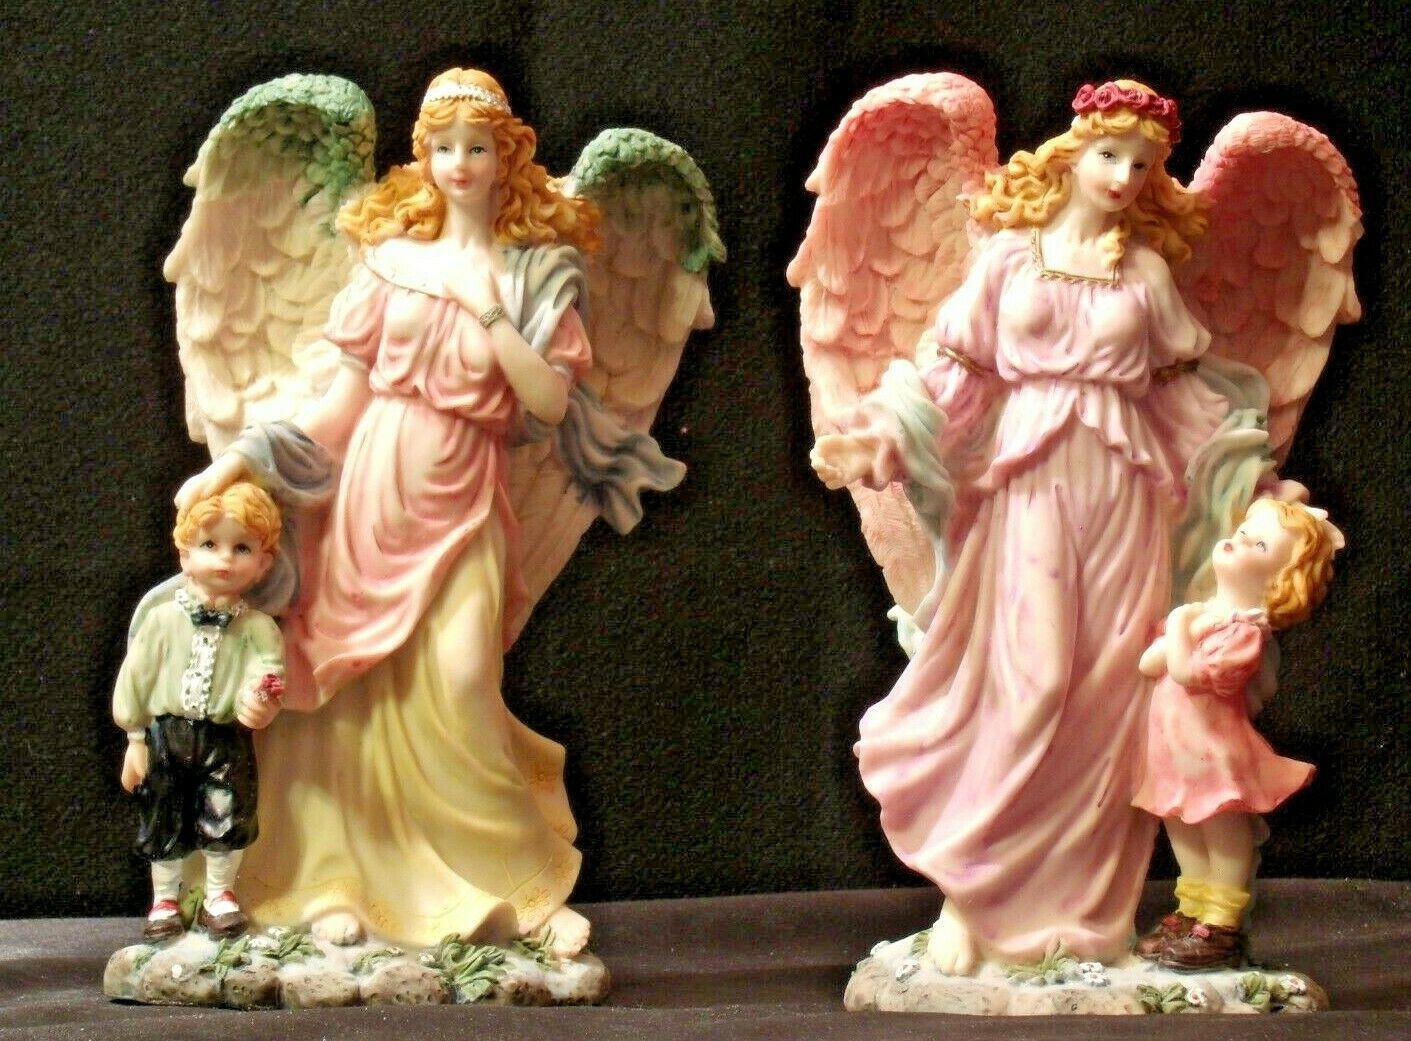 Pair of Angel Figurines in box AA-192051 Vintage